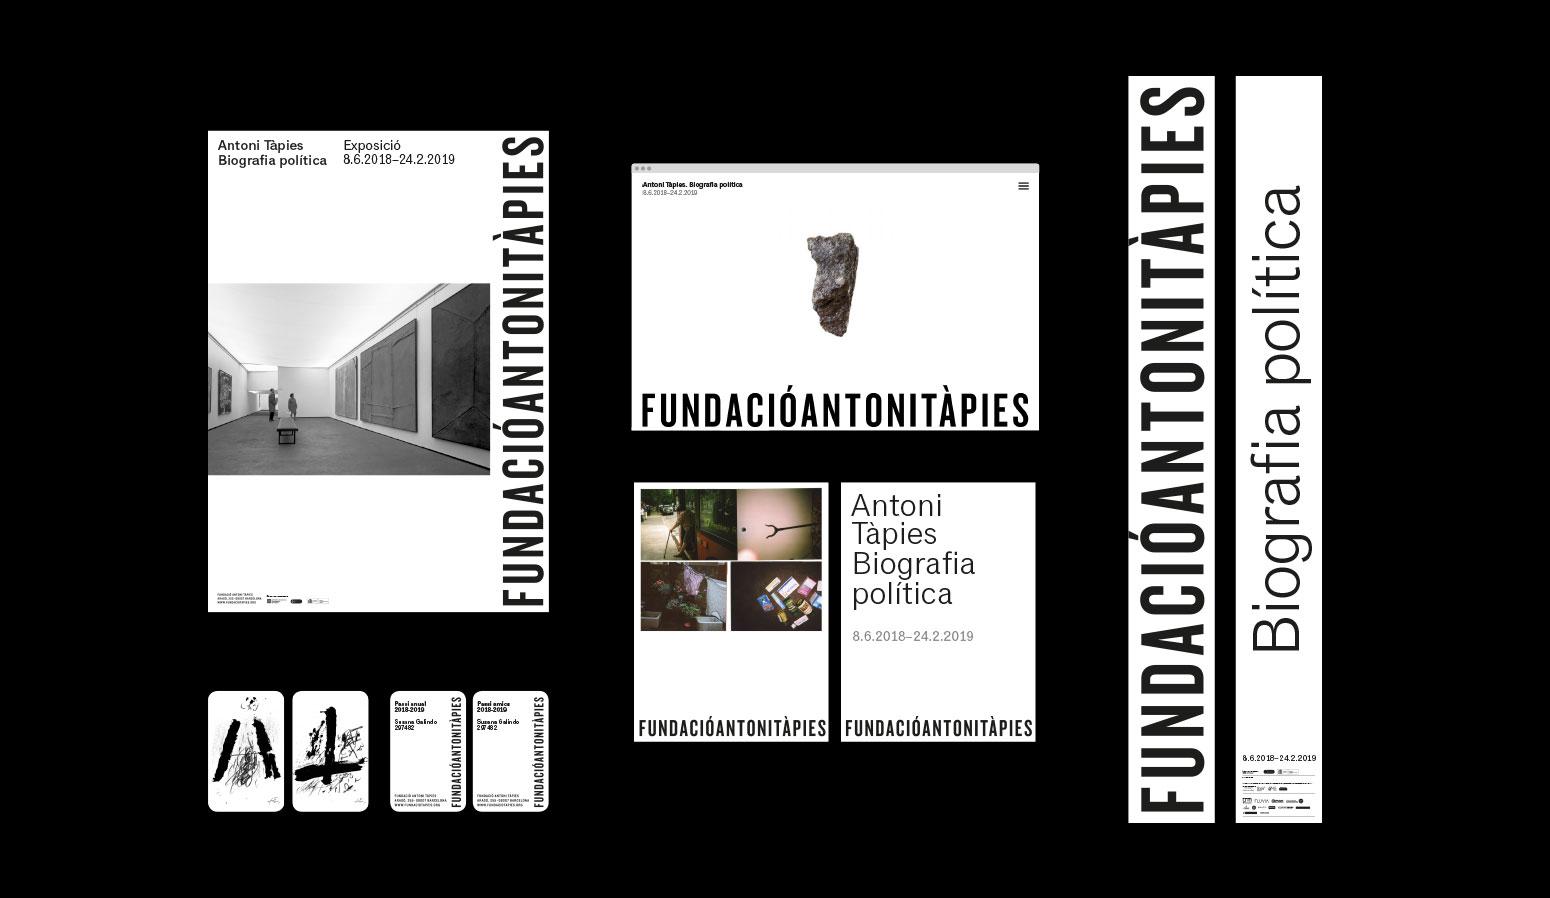 Comunicación gráfica para el museo Fundació Antoni Tàpies. Distintos elementos de comunicación: Cartel, página web, postales, tarjetas, banderolas... - dosgrapas | Estudio de diseño gráfico en Barcelona